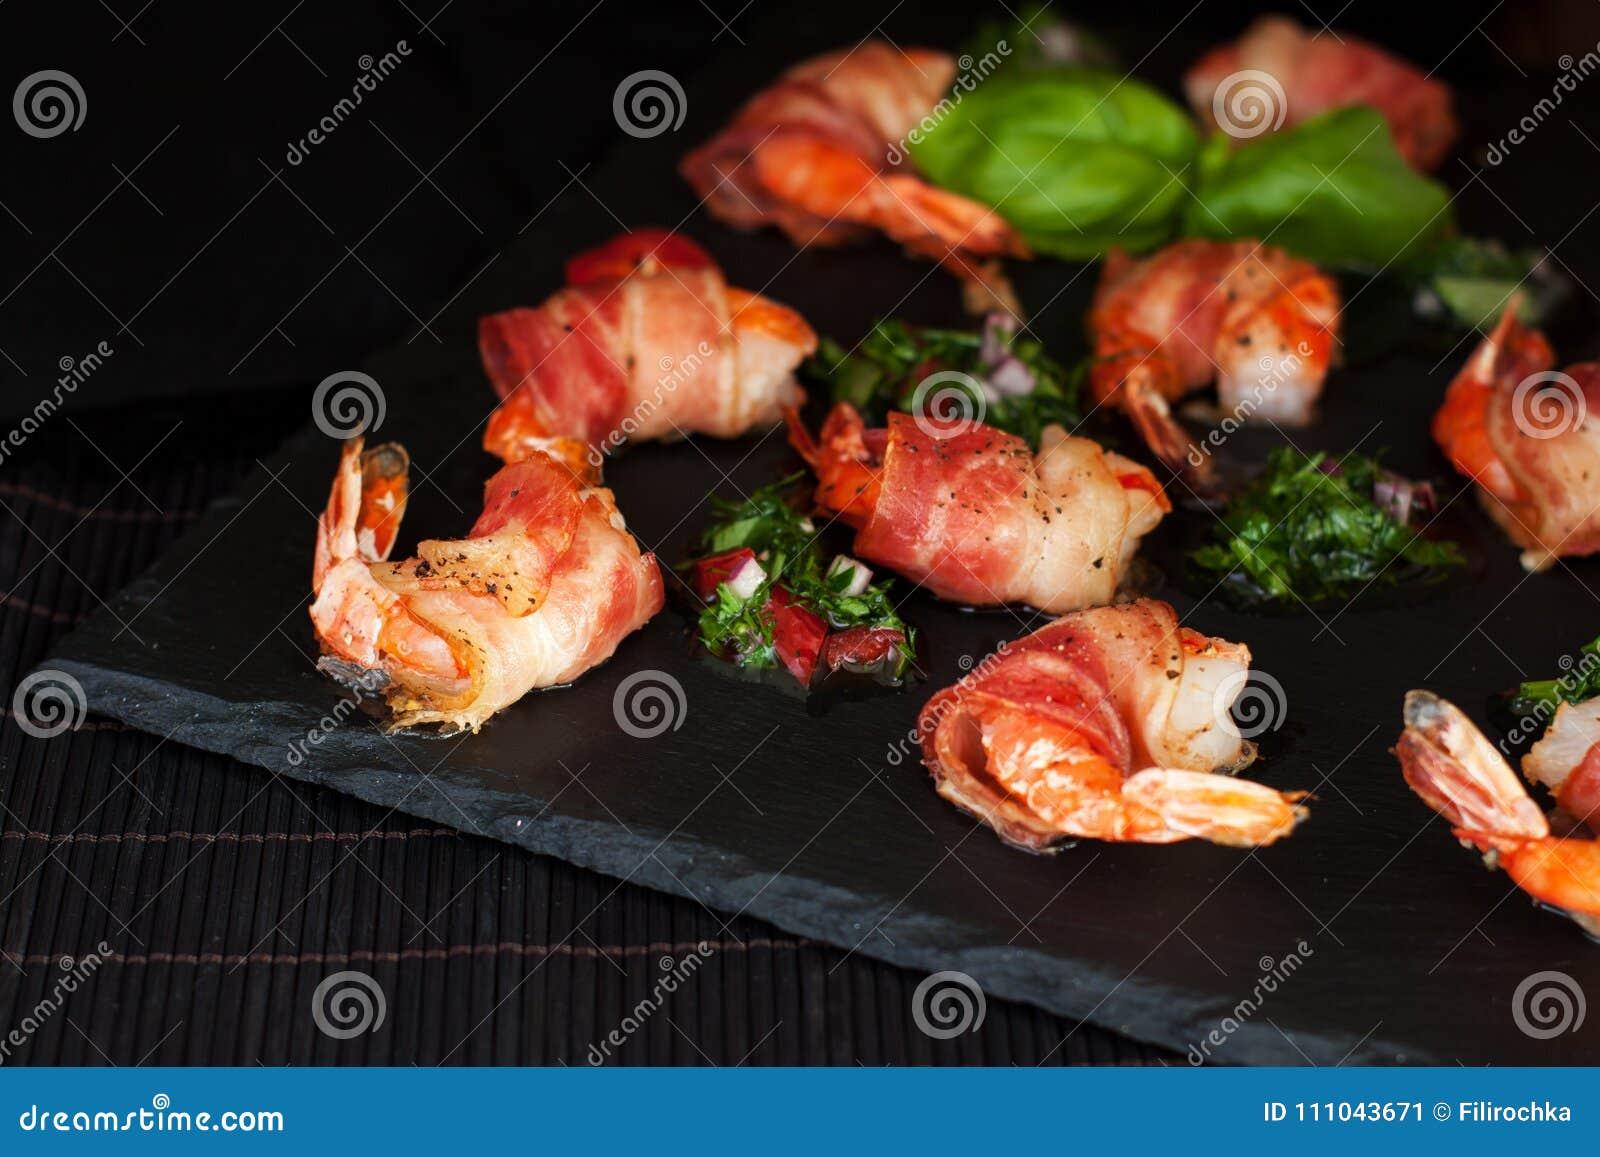 兴致高的用卤汁泡的烟肉被包裹的虾